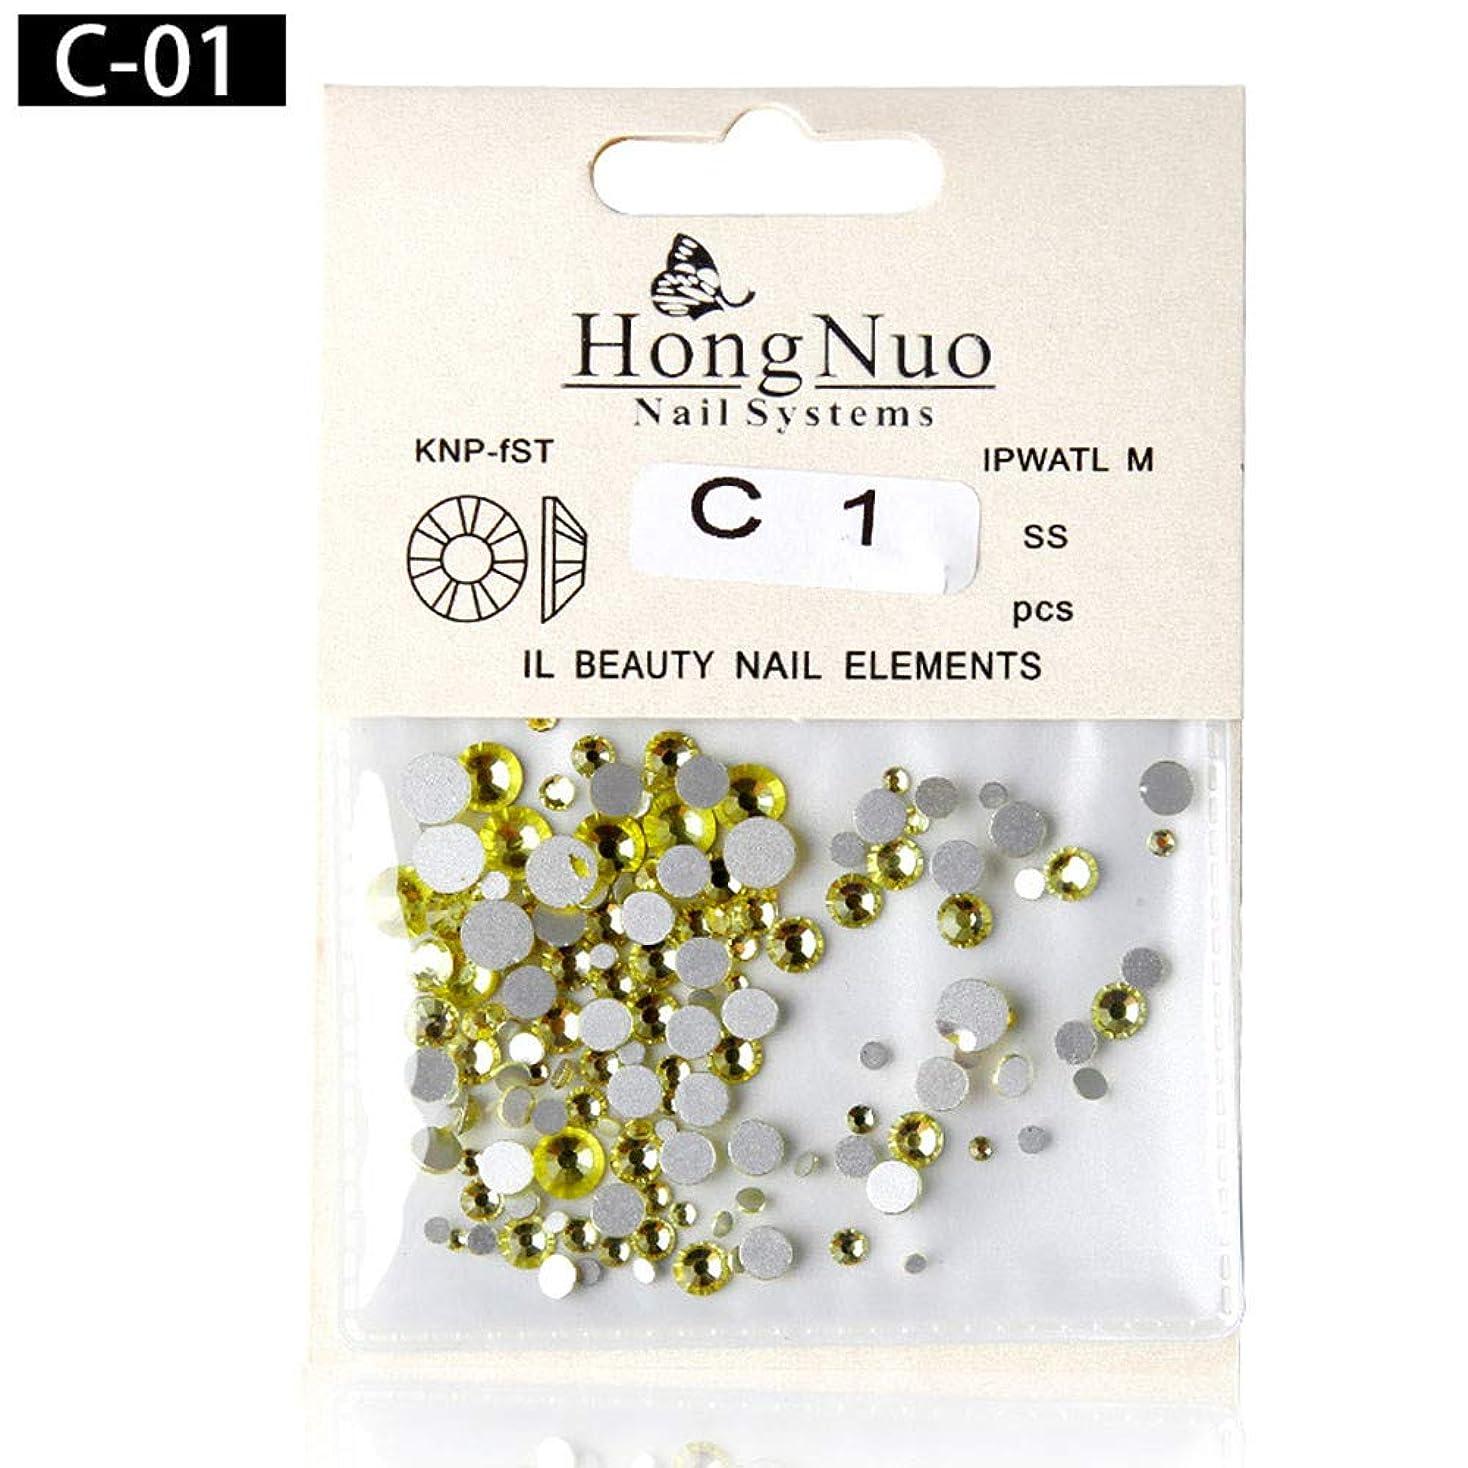 付録学んだお香Posmant ハート、スクエア トライアングル ダイヤモンドの装飾品 ネイルドリル 複数の色 選択できます 便利な 高品質 耐久性あり カラフル 美容 ツール ネイル用品 ネイルドリル マニキュア